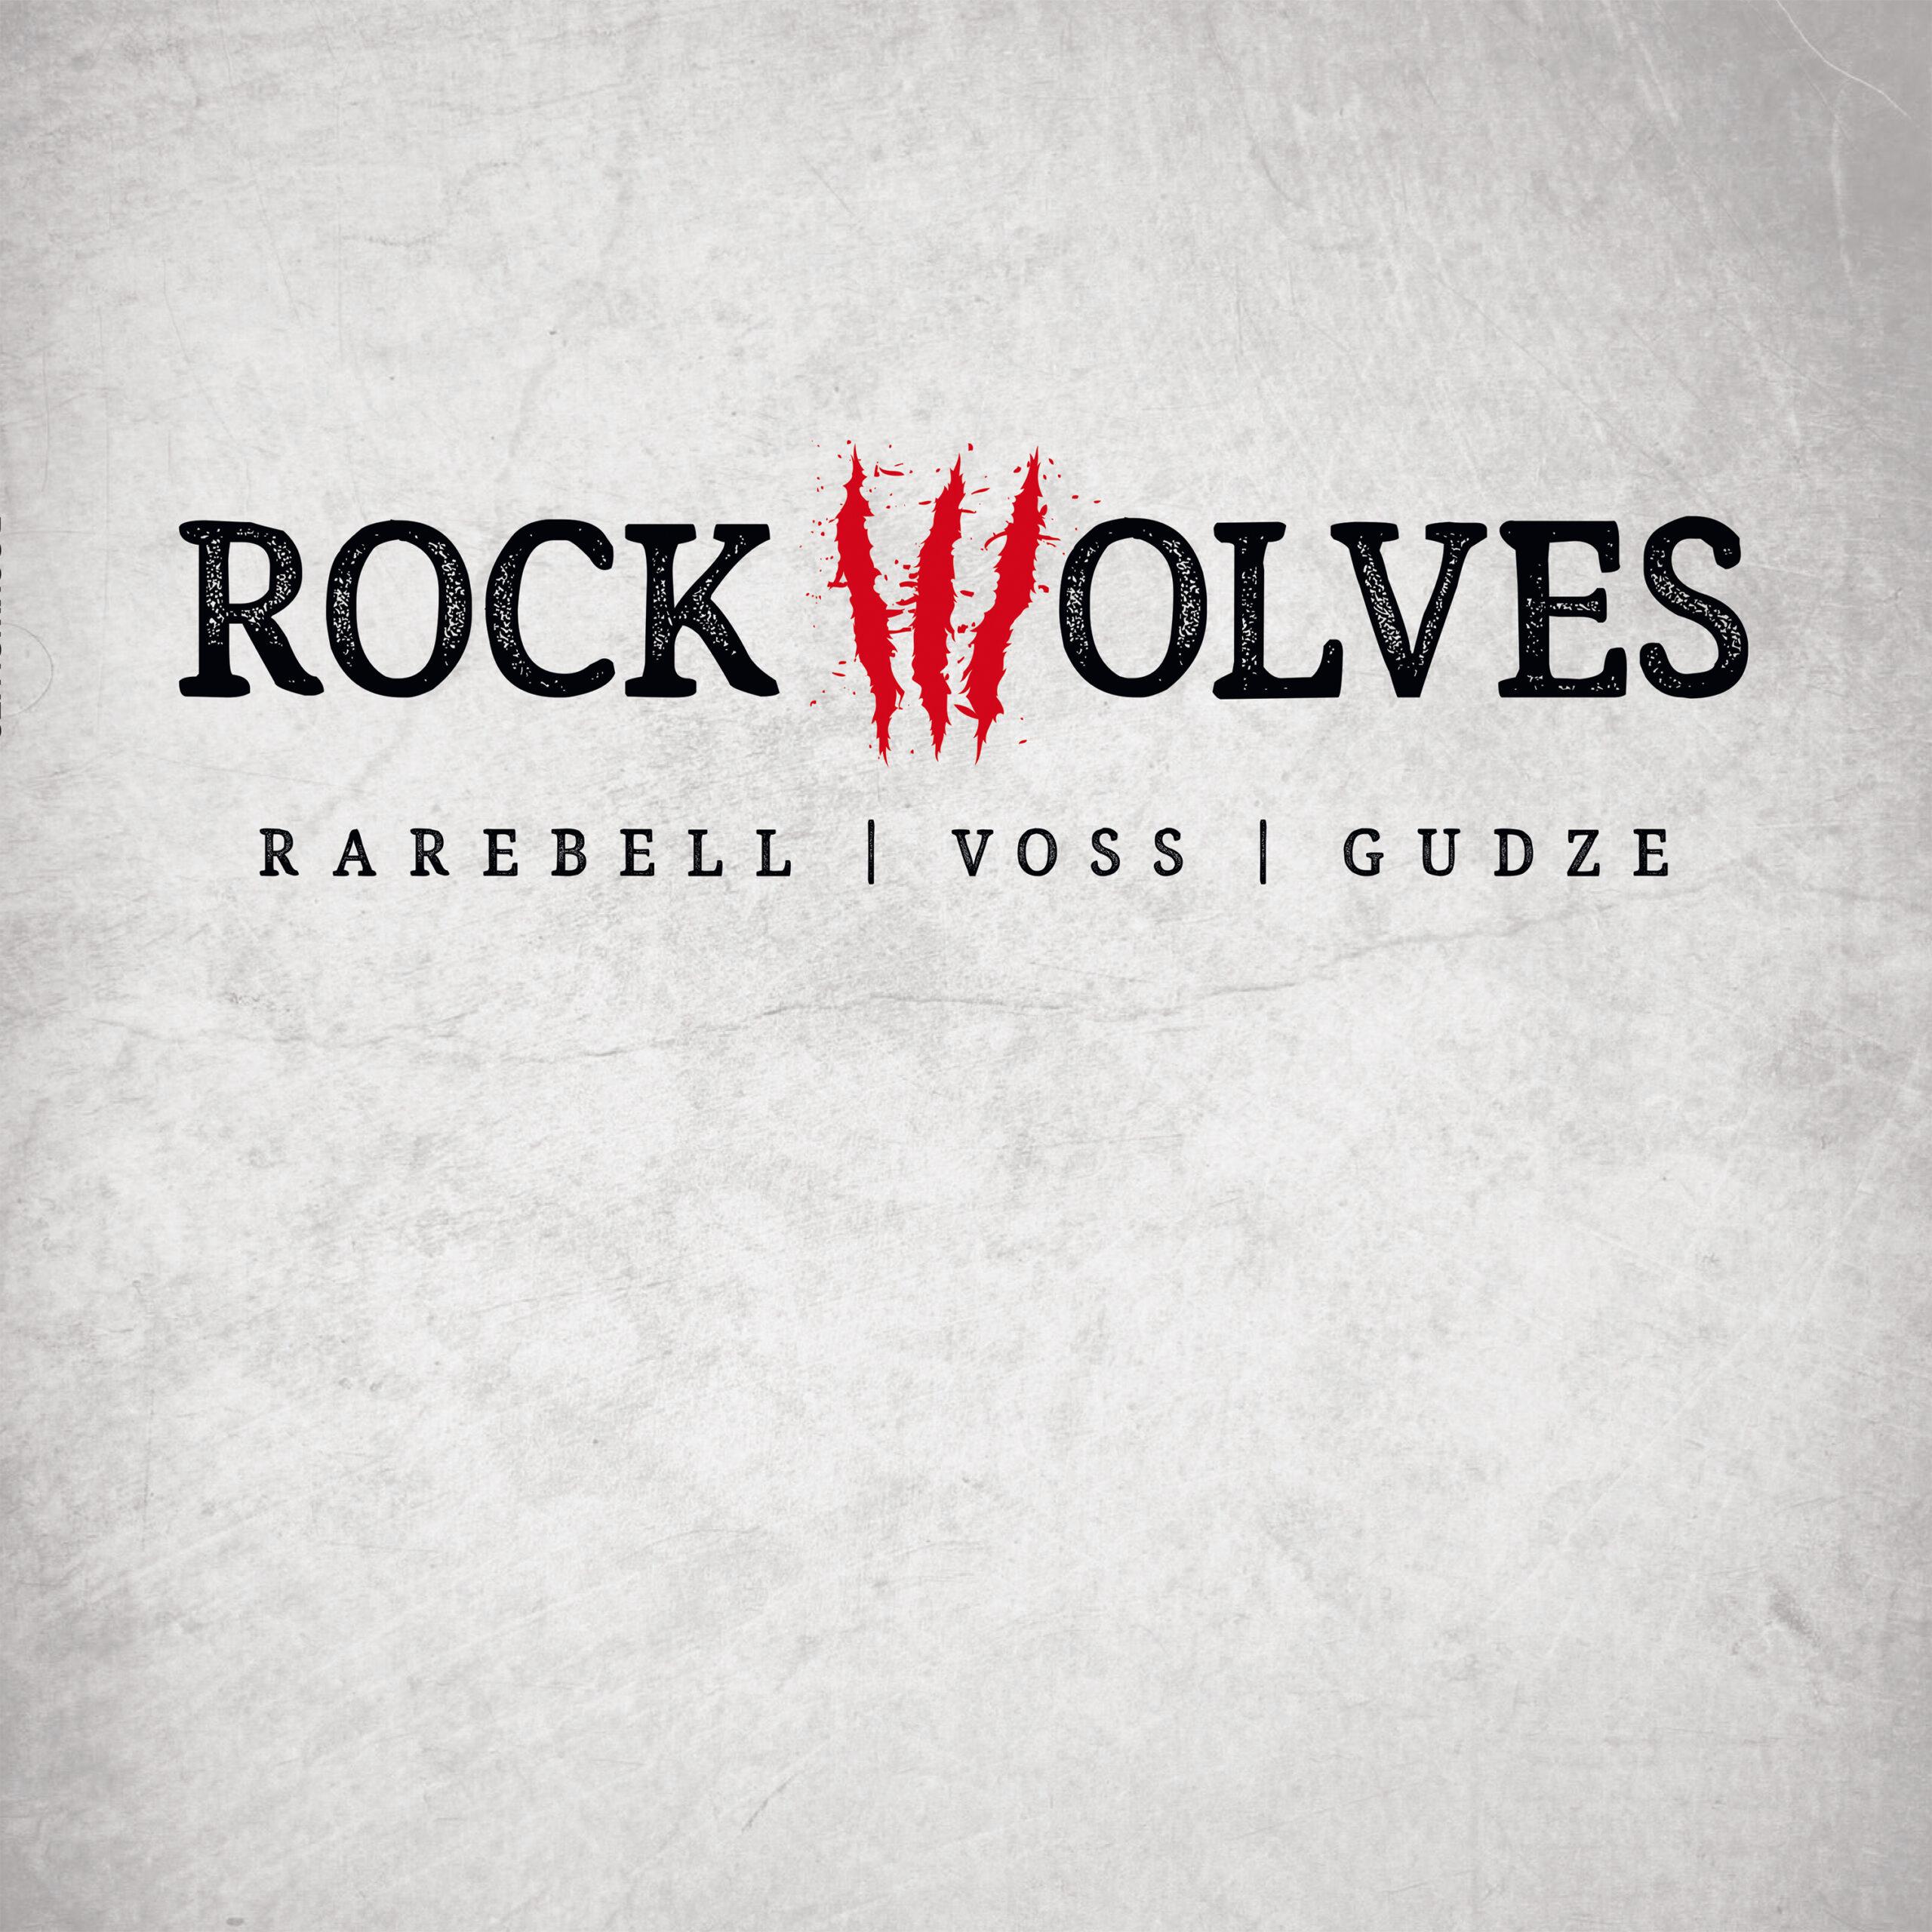 Rock_Wolves_3000x3000